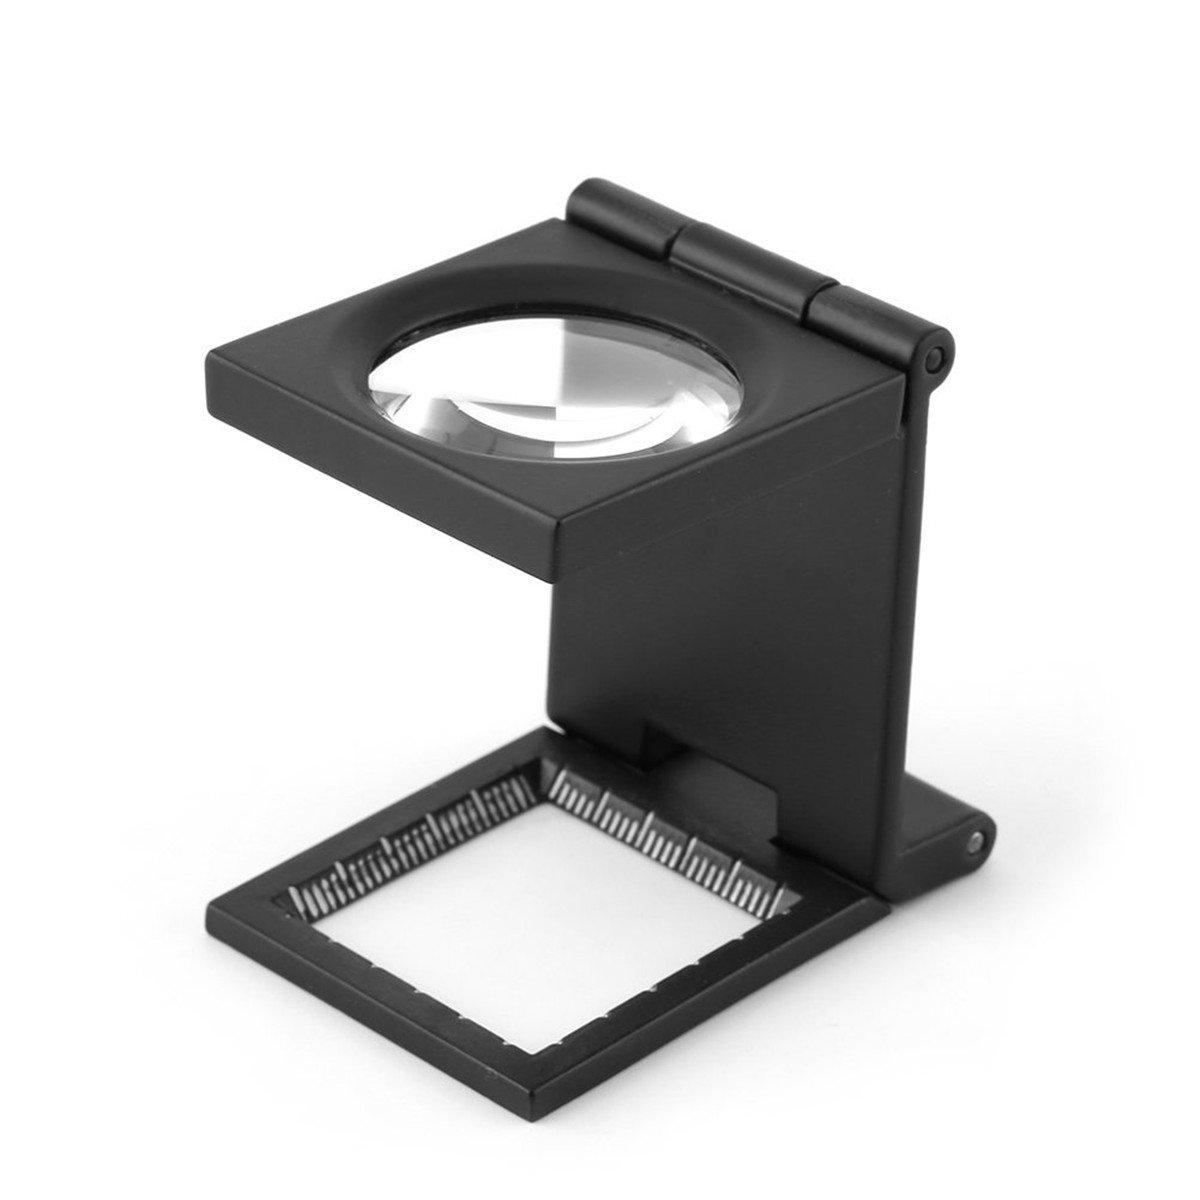 Yosoo 10X 28mm Mini dreiaufklappbaren 10X Bildschirmlupe Zink Legierung Lupe mit Maß stab fü r Textile optische Schmuckwerkzeug yosoo-uk318fdj